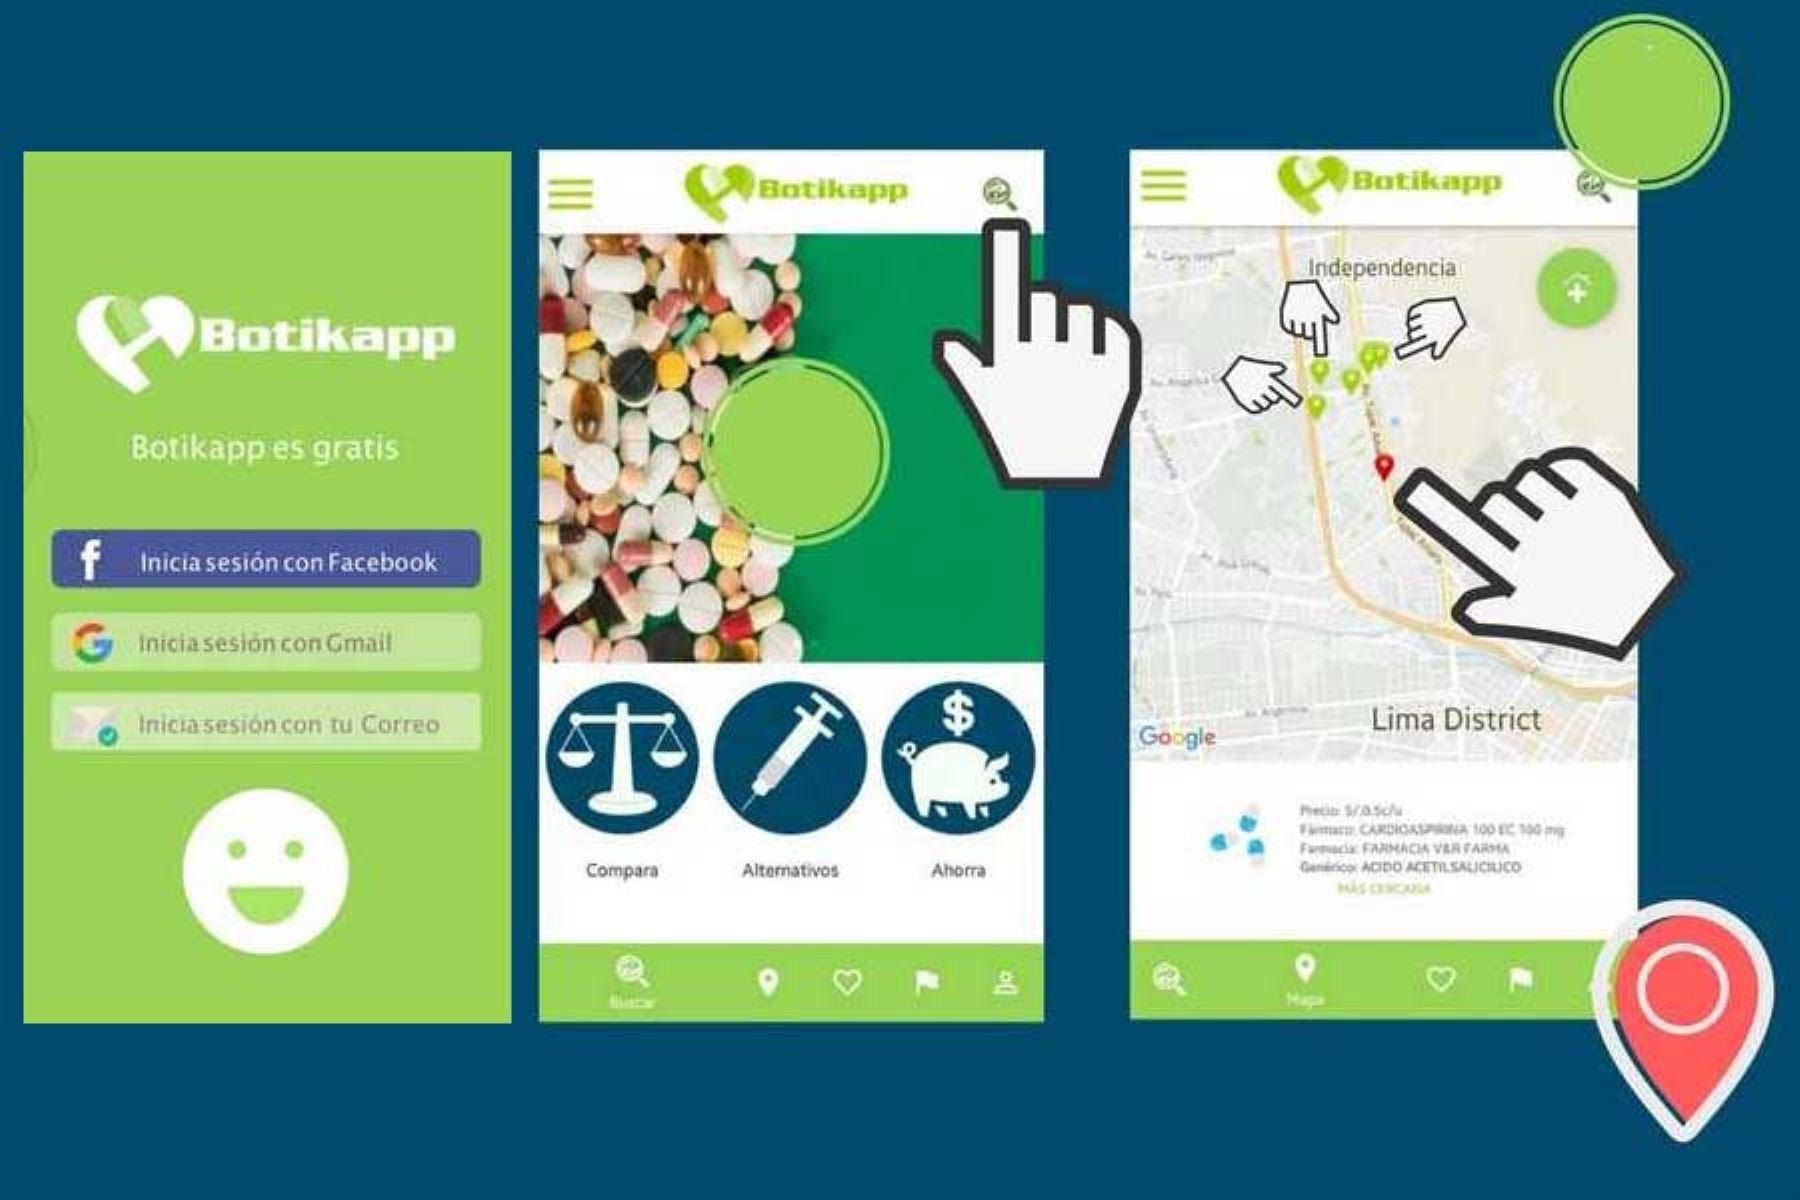 El aplicativo para Android está disponible gratuitamente